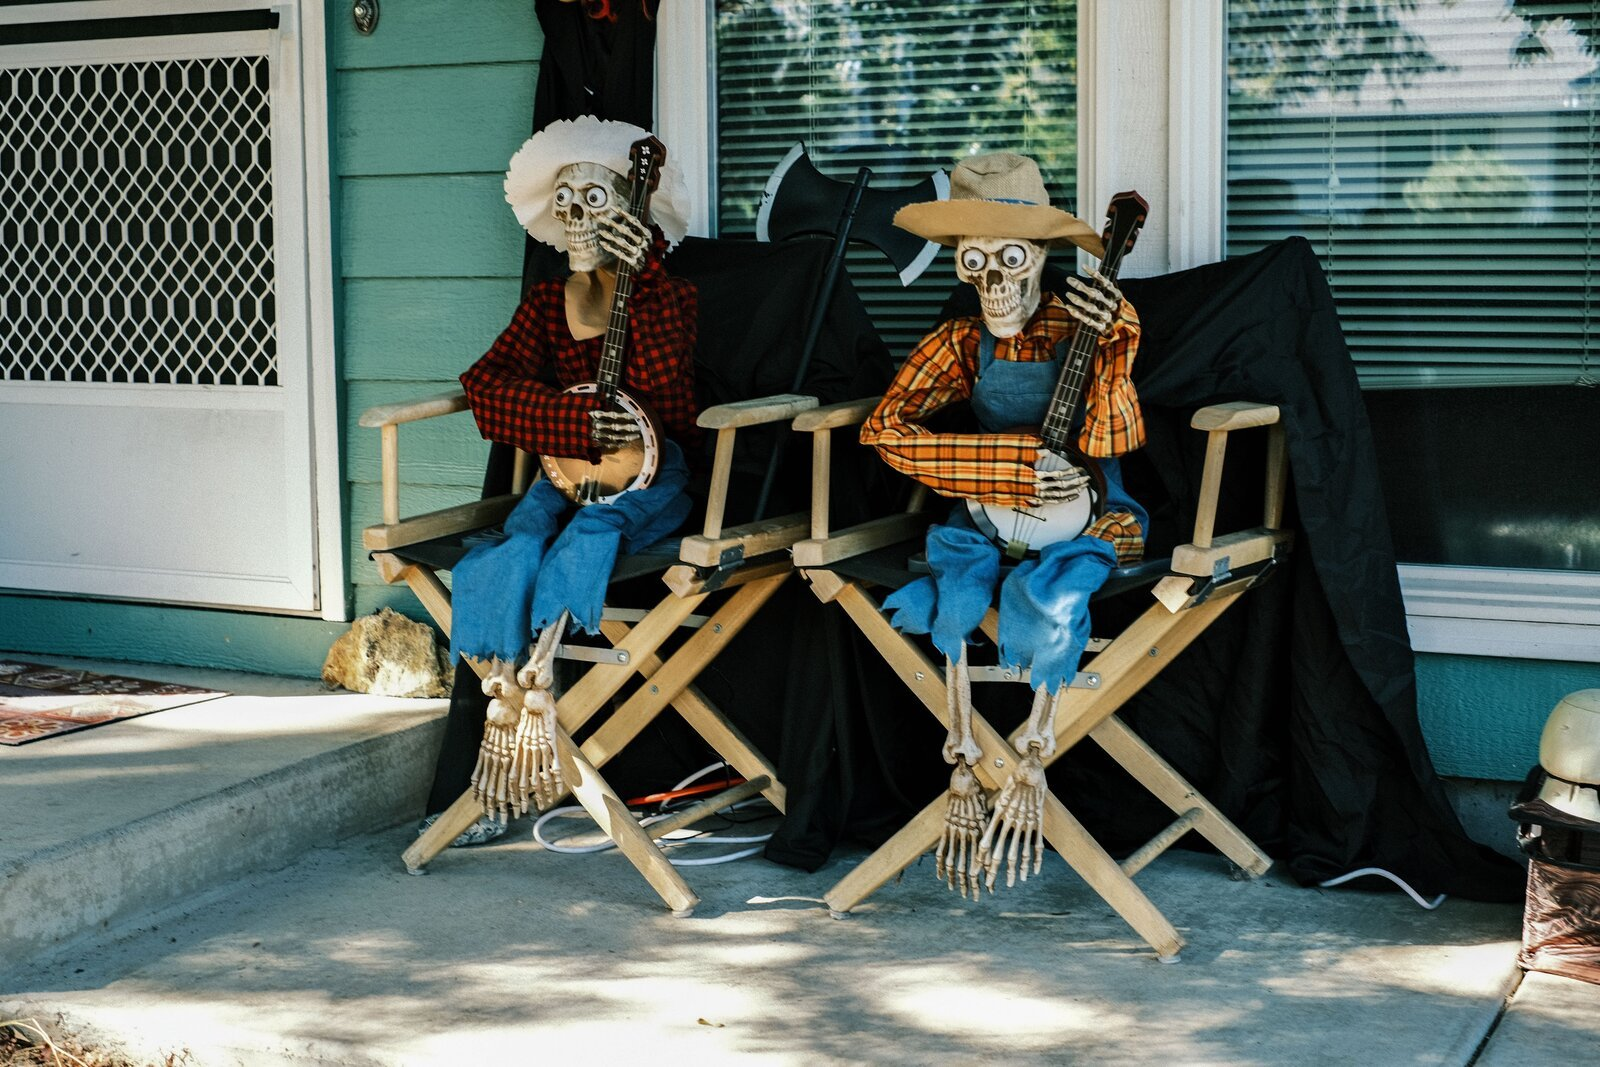 XPro3_Oct12_21_skeleton_musicians#4.jpg